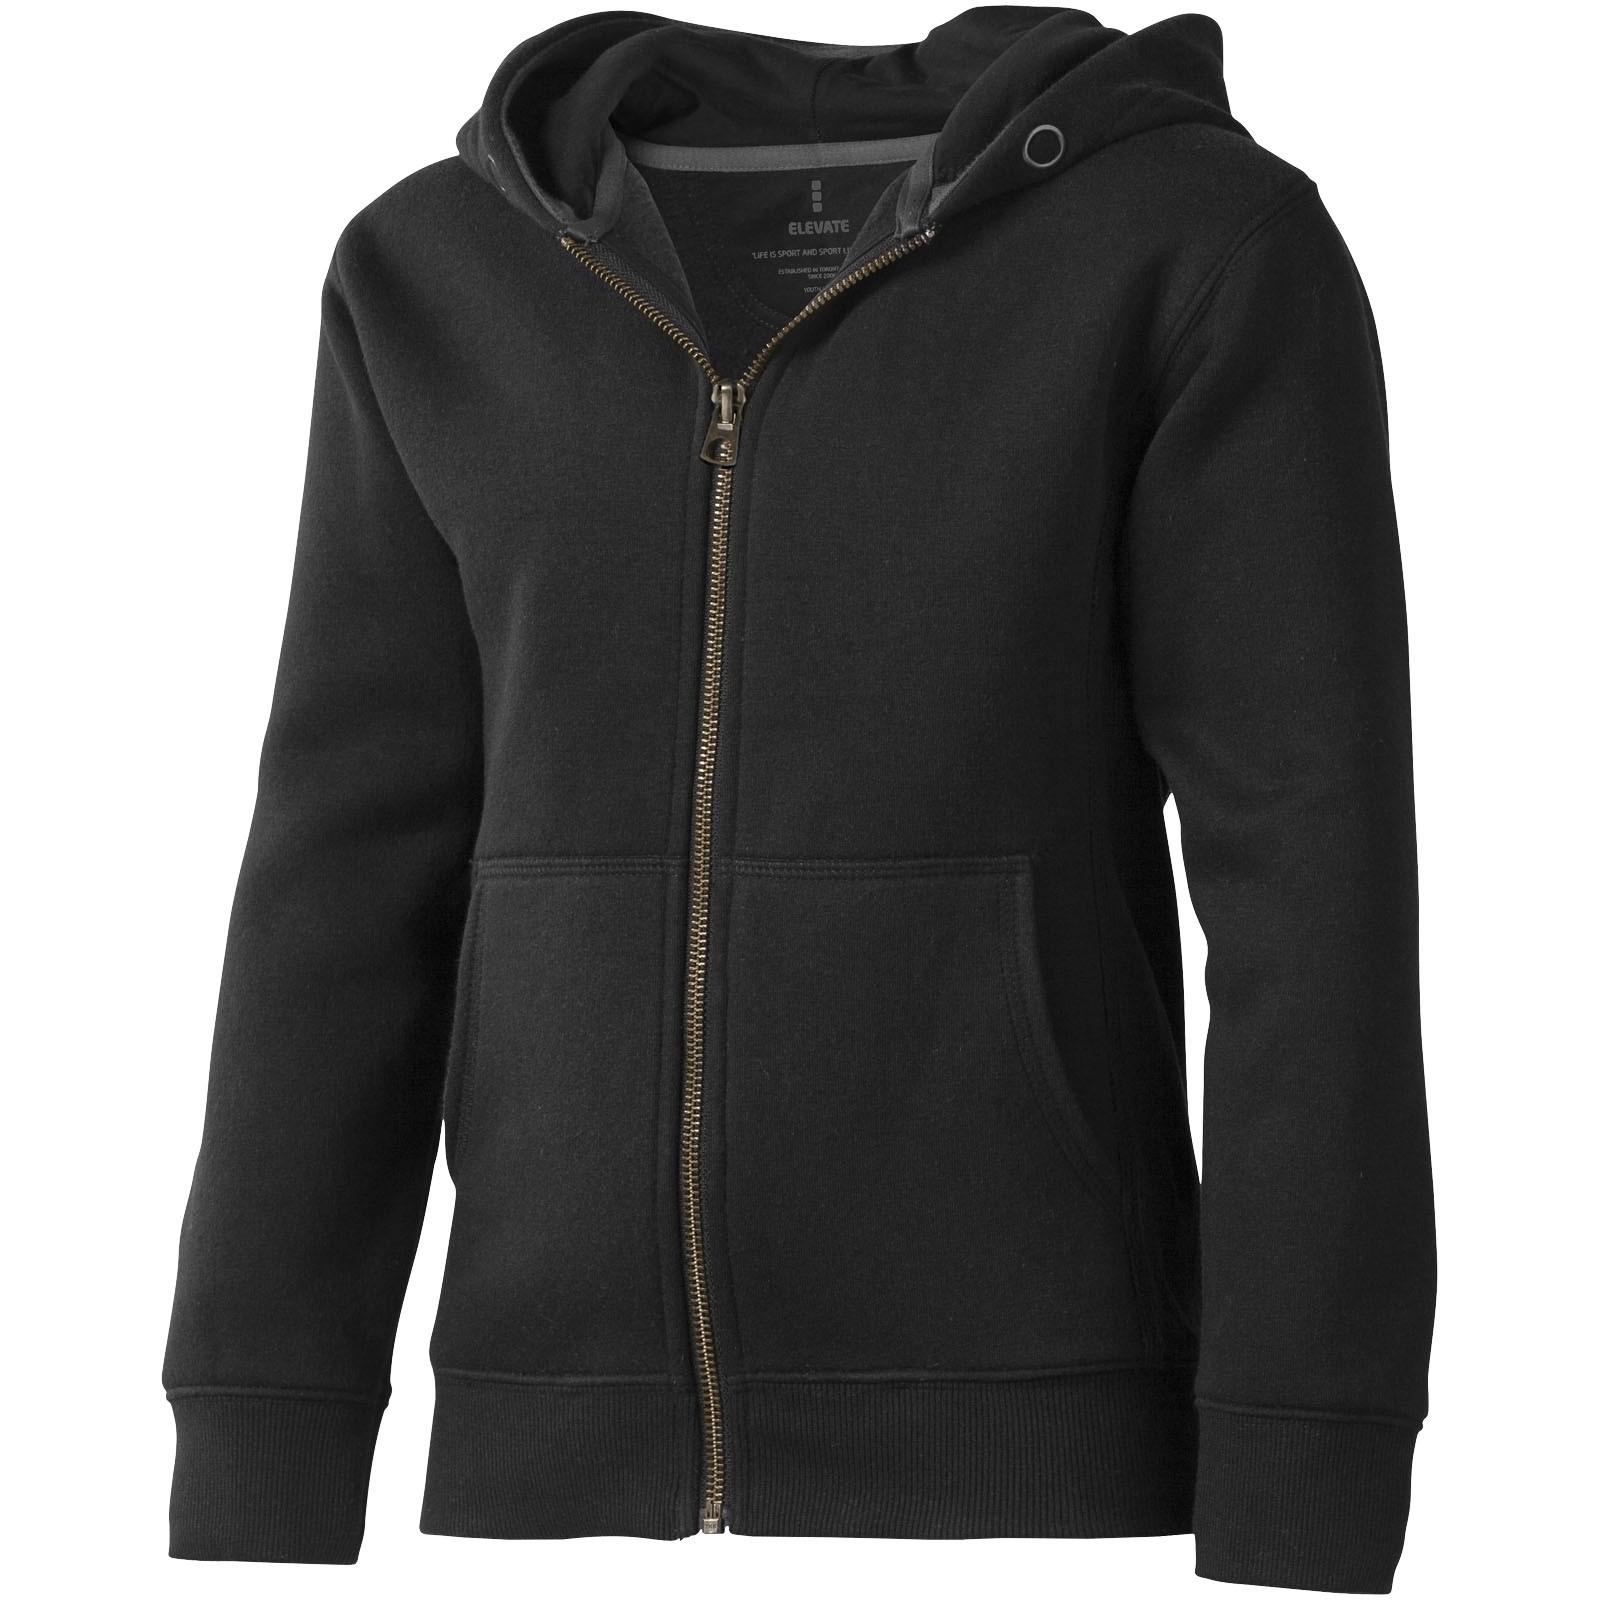 Arora celopropínací svetr na zip s kapucí pro děti - Černá / 116